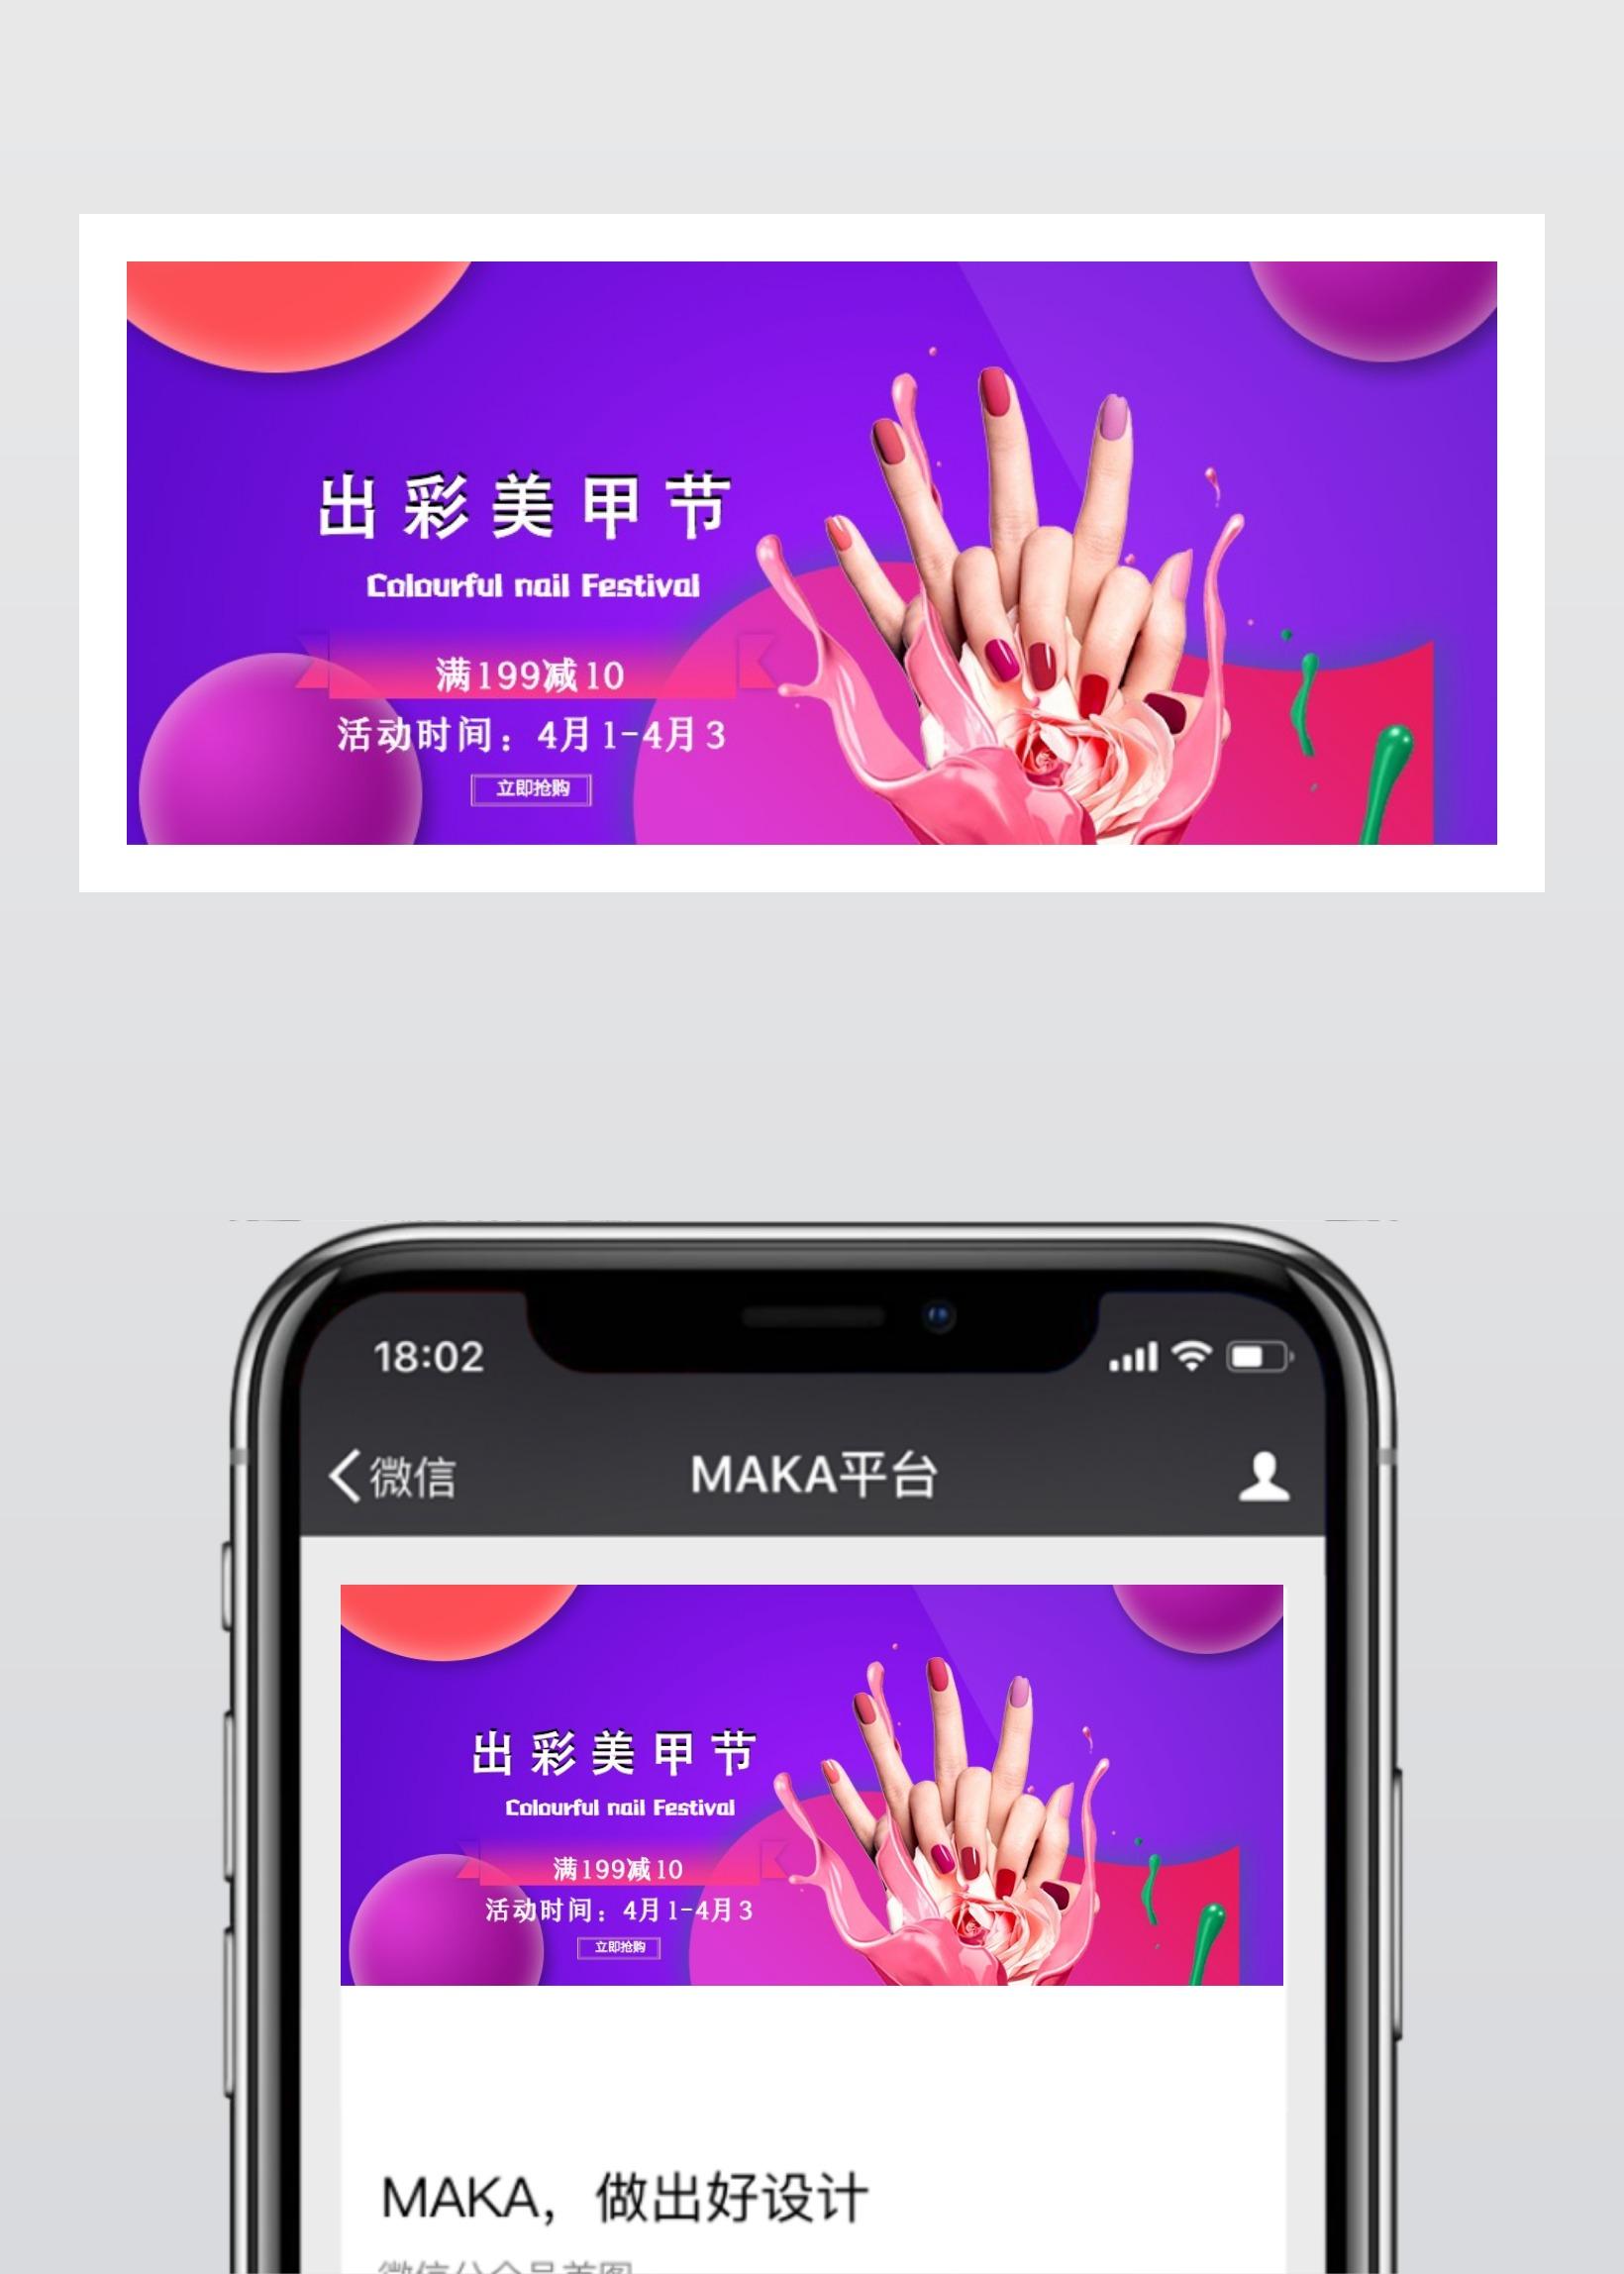 出彩美妆节炫酷时尚美甲油产品促销宣传新版公众号封面图